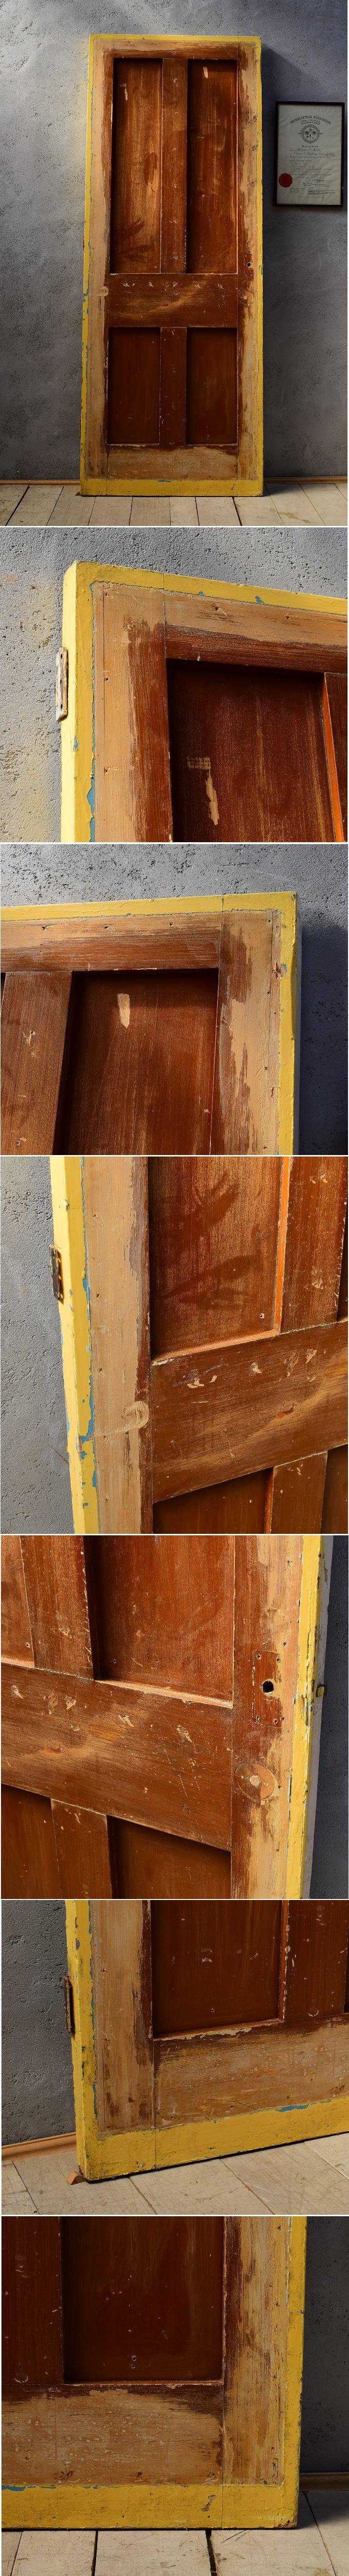 イギリス アンティーク 木製ドア 扉 建具 6550